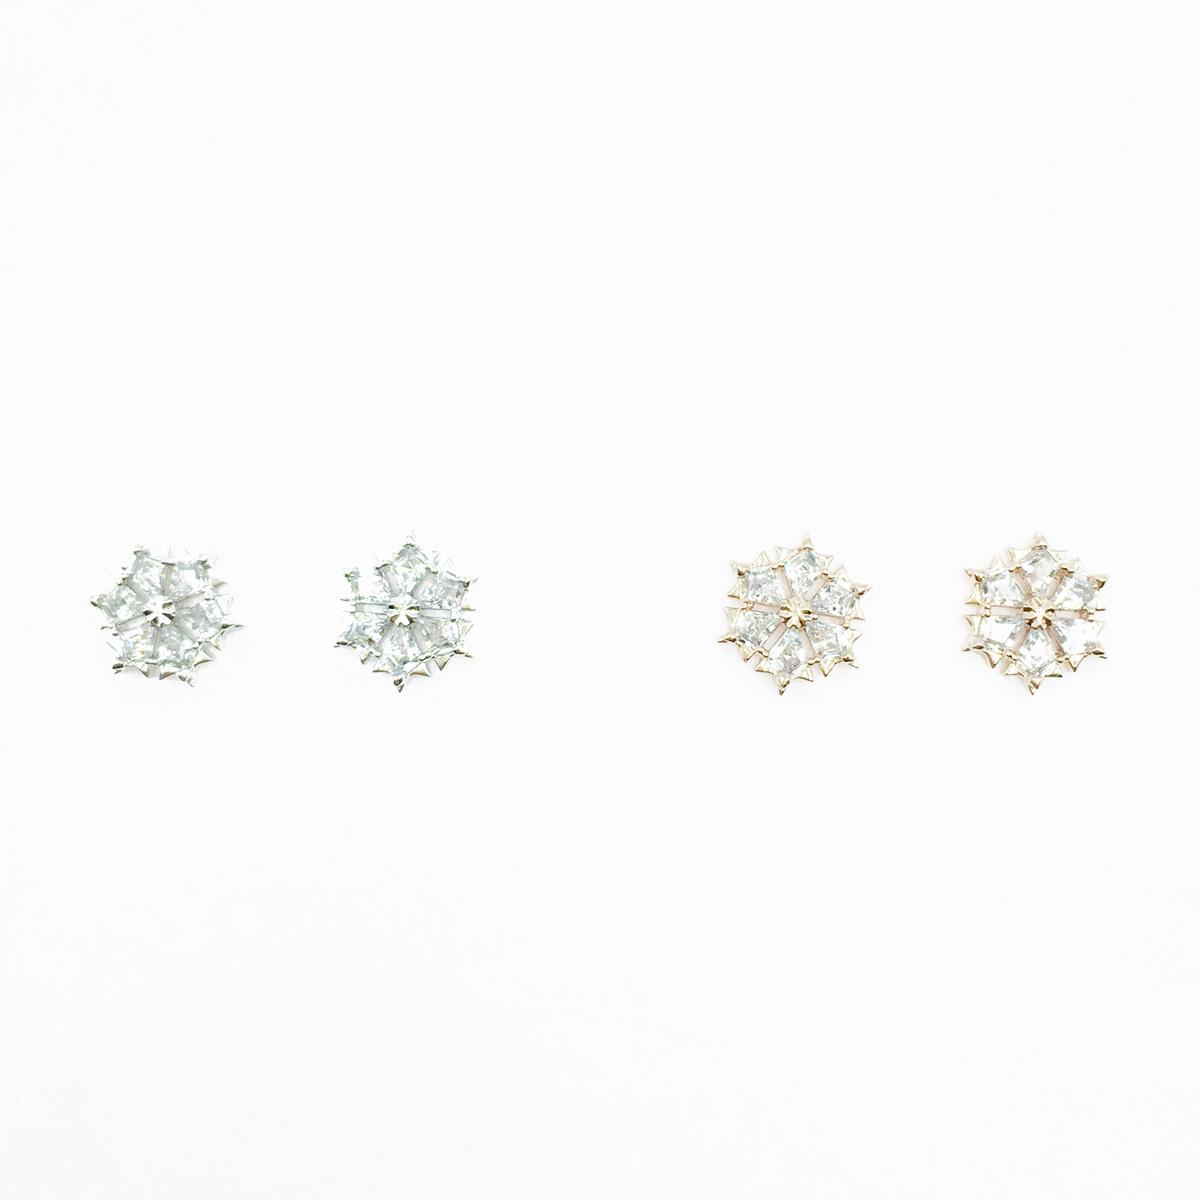 韓國 925純銀 雪花造型 水鑽 精緻款 2色 耳針式耳環